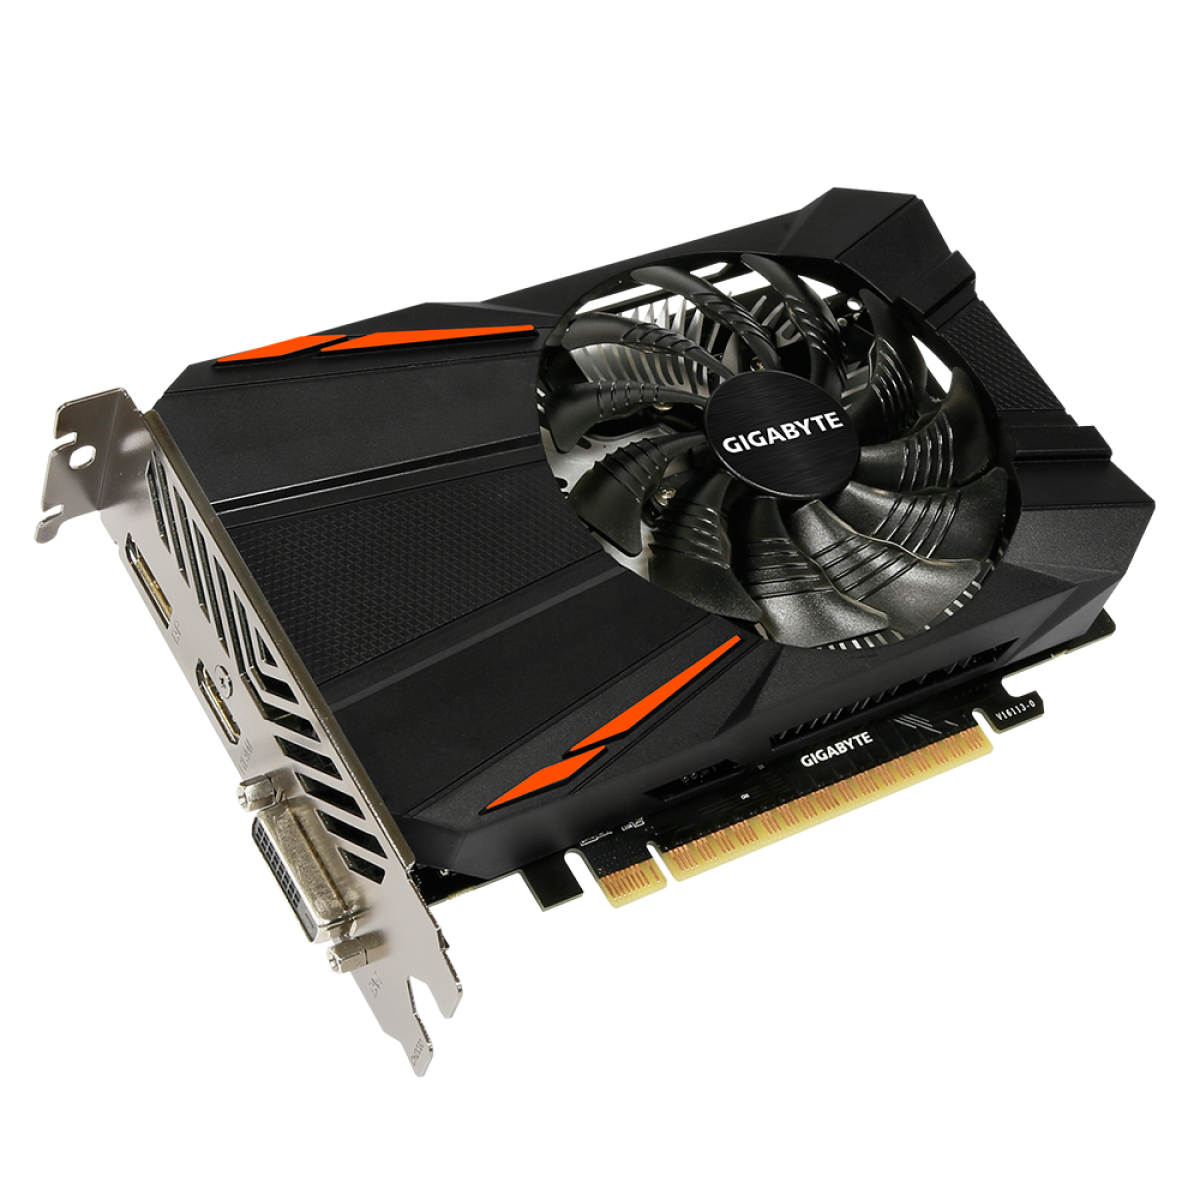 Placa de Vídeo Gigabyte GeForce GTX 1050 Ti, 4GB, GDDR5, 128bit, GV-N105TD5-4GD